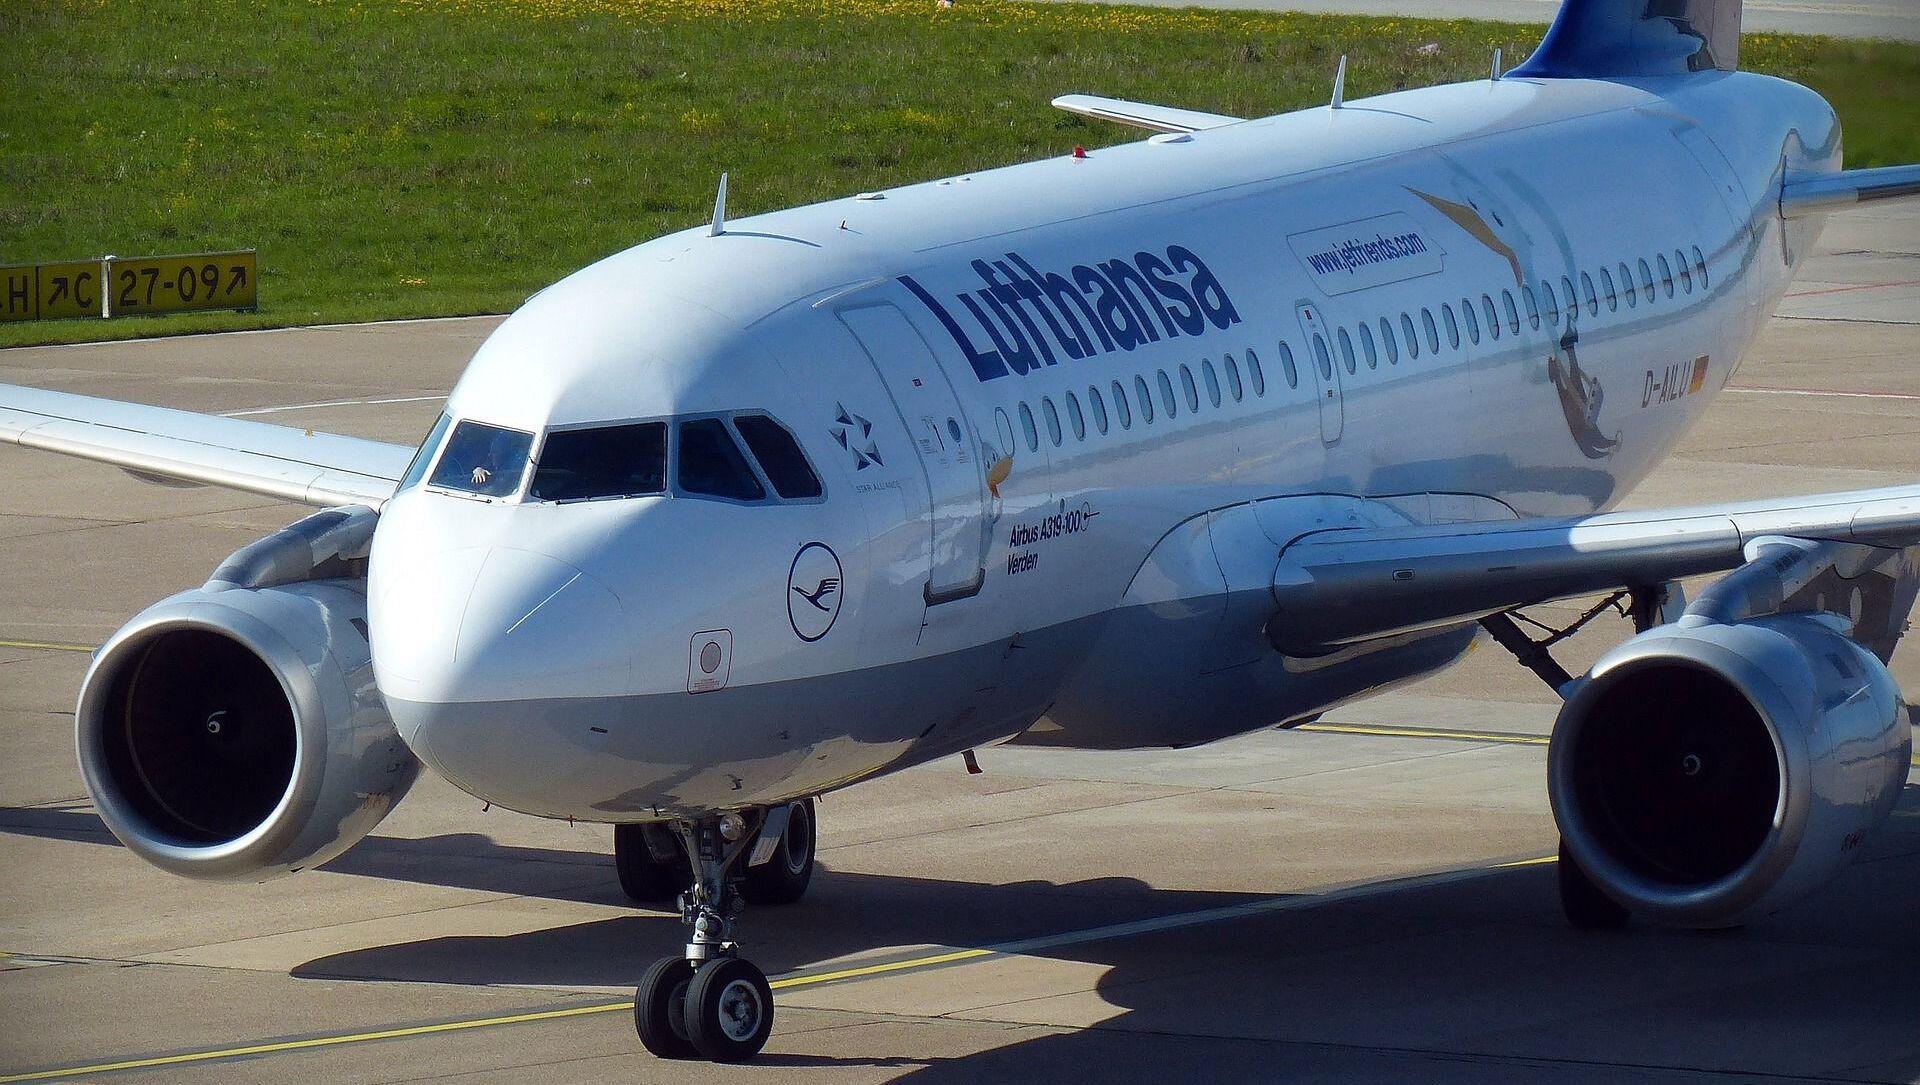 Самолет компании Lufthansa , архивное фото - Sputnik Беларусь, 1920, 24.05.2021